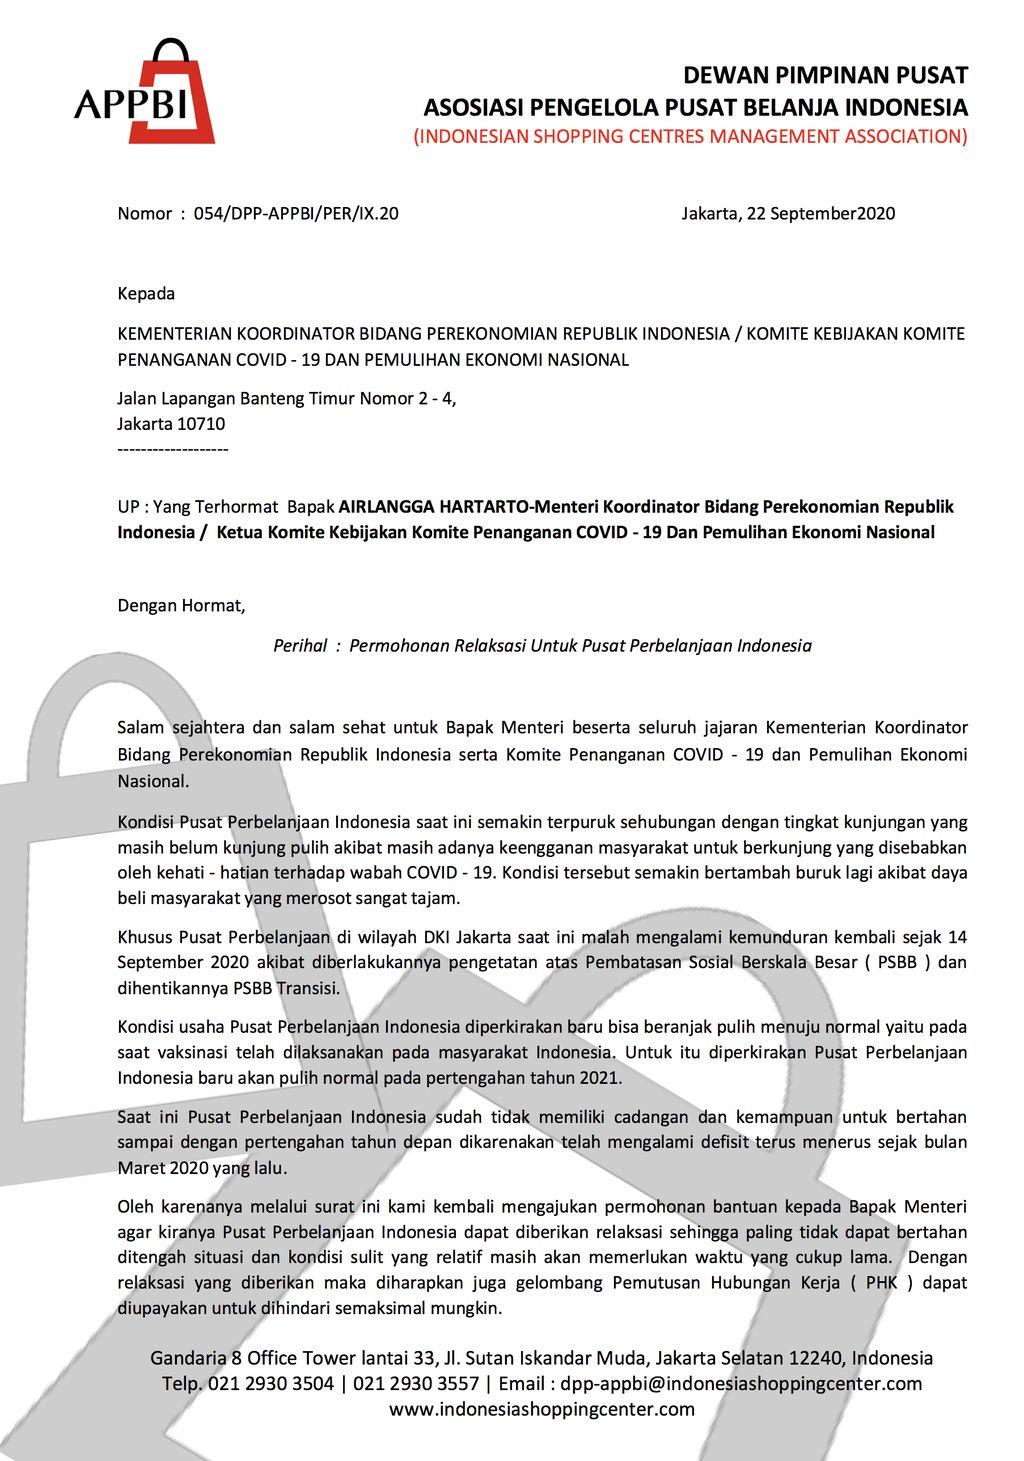 Asosiasi Pengelola Pusat Belanja Indonesia/ APPBI